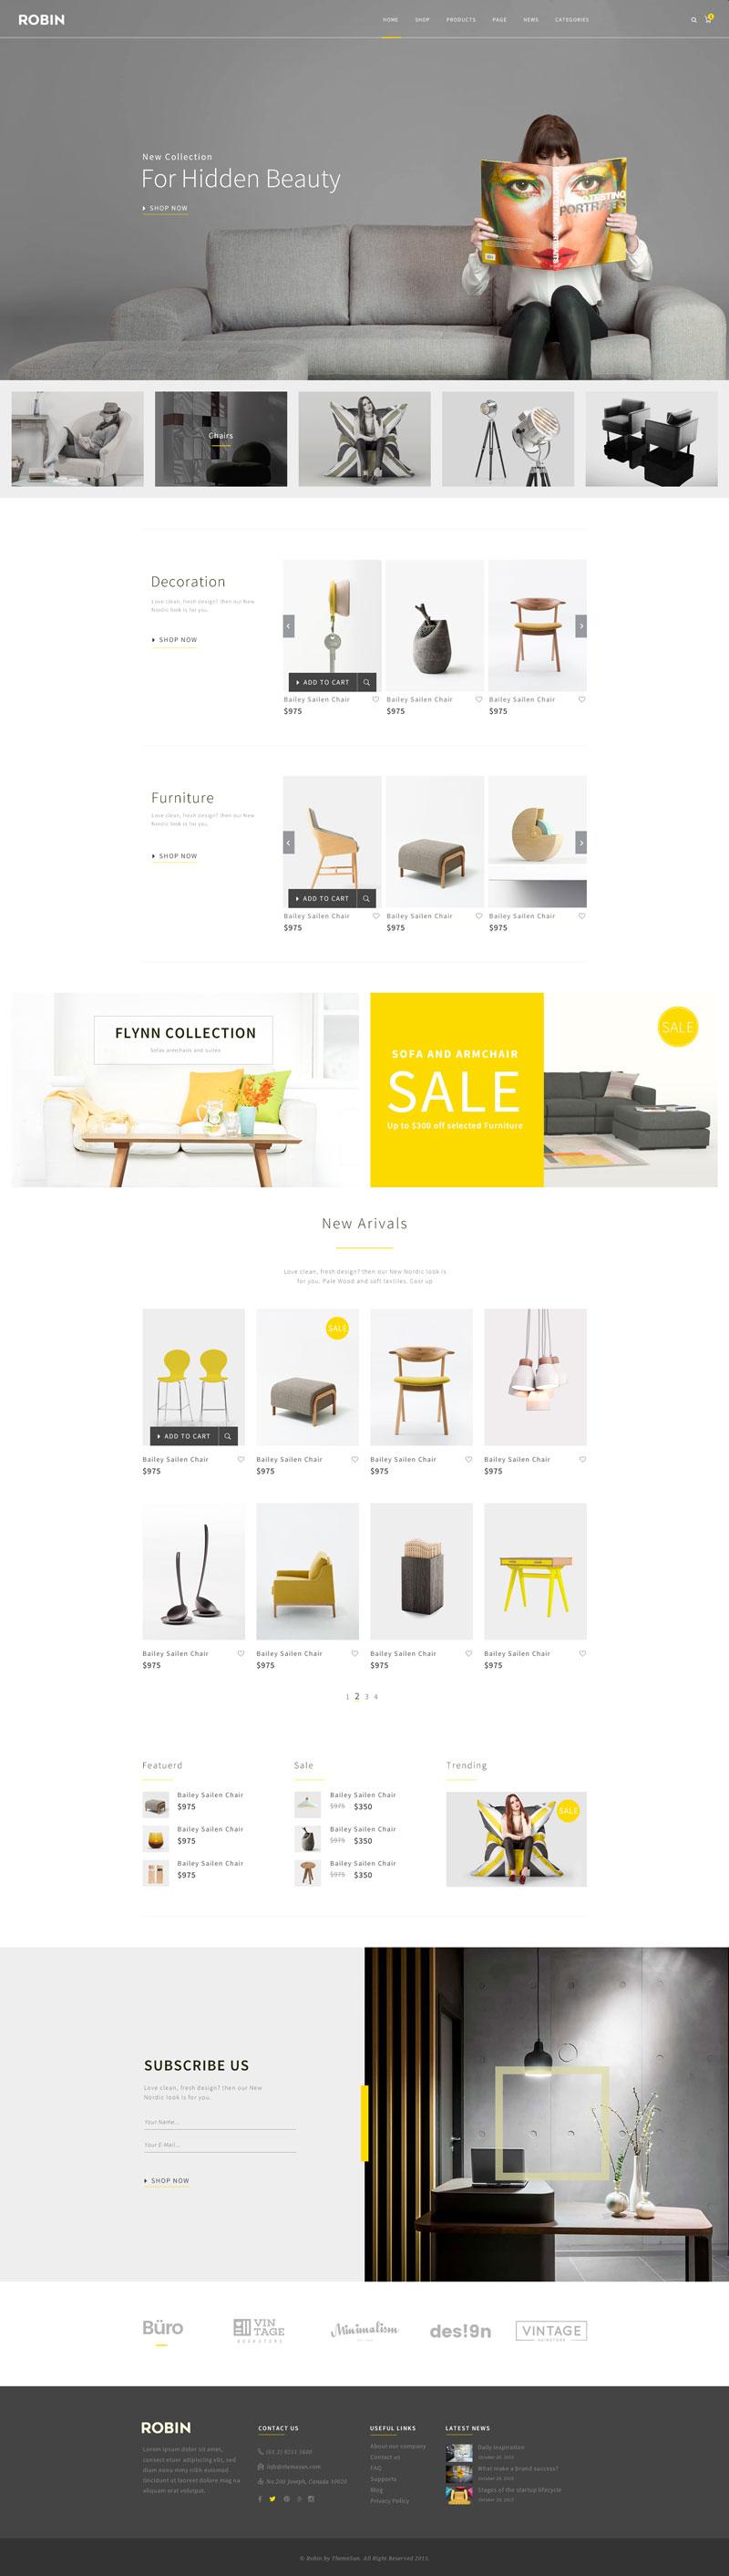 高端定制家具商城网站PSD模板